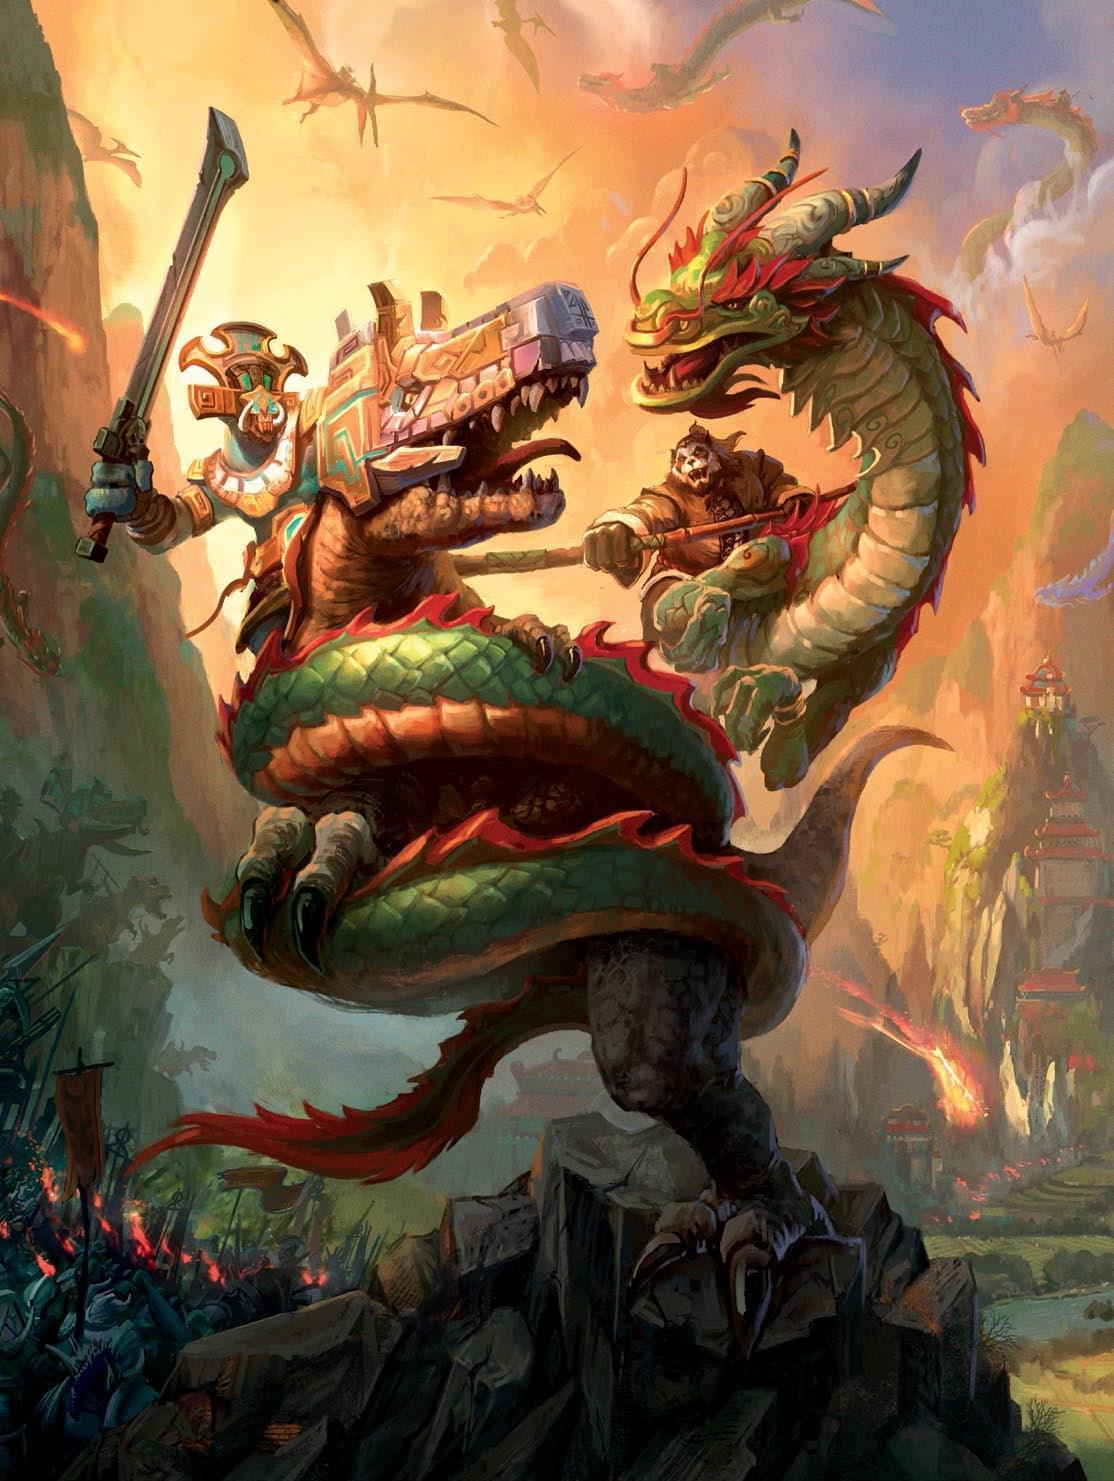 法力龙居然不是龙?到底魔兽世界中什么才是龙